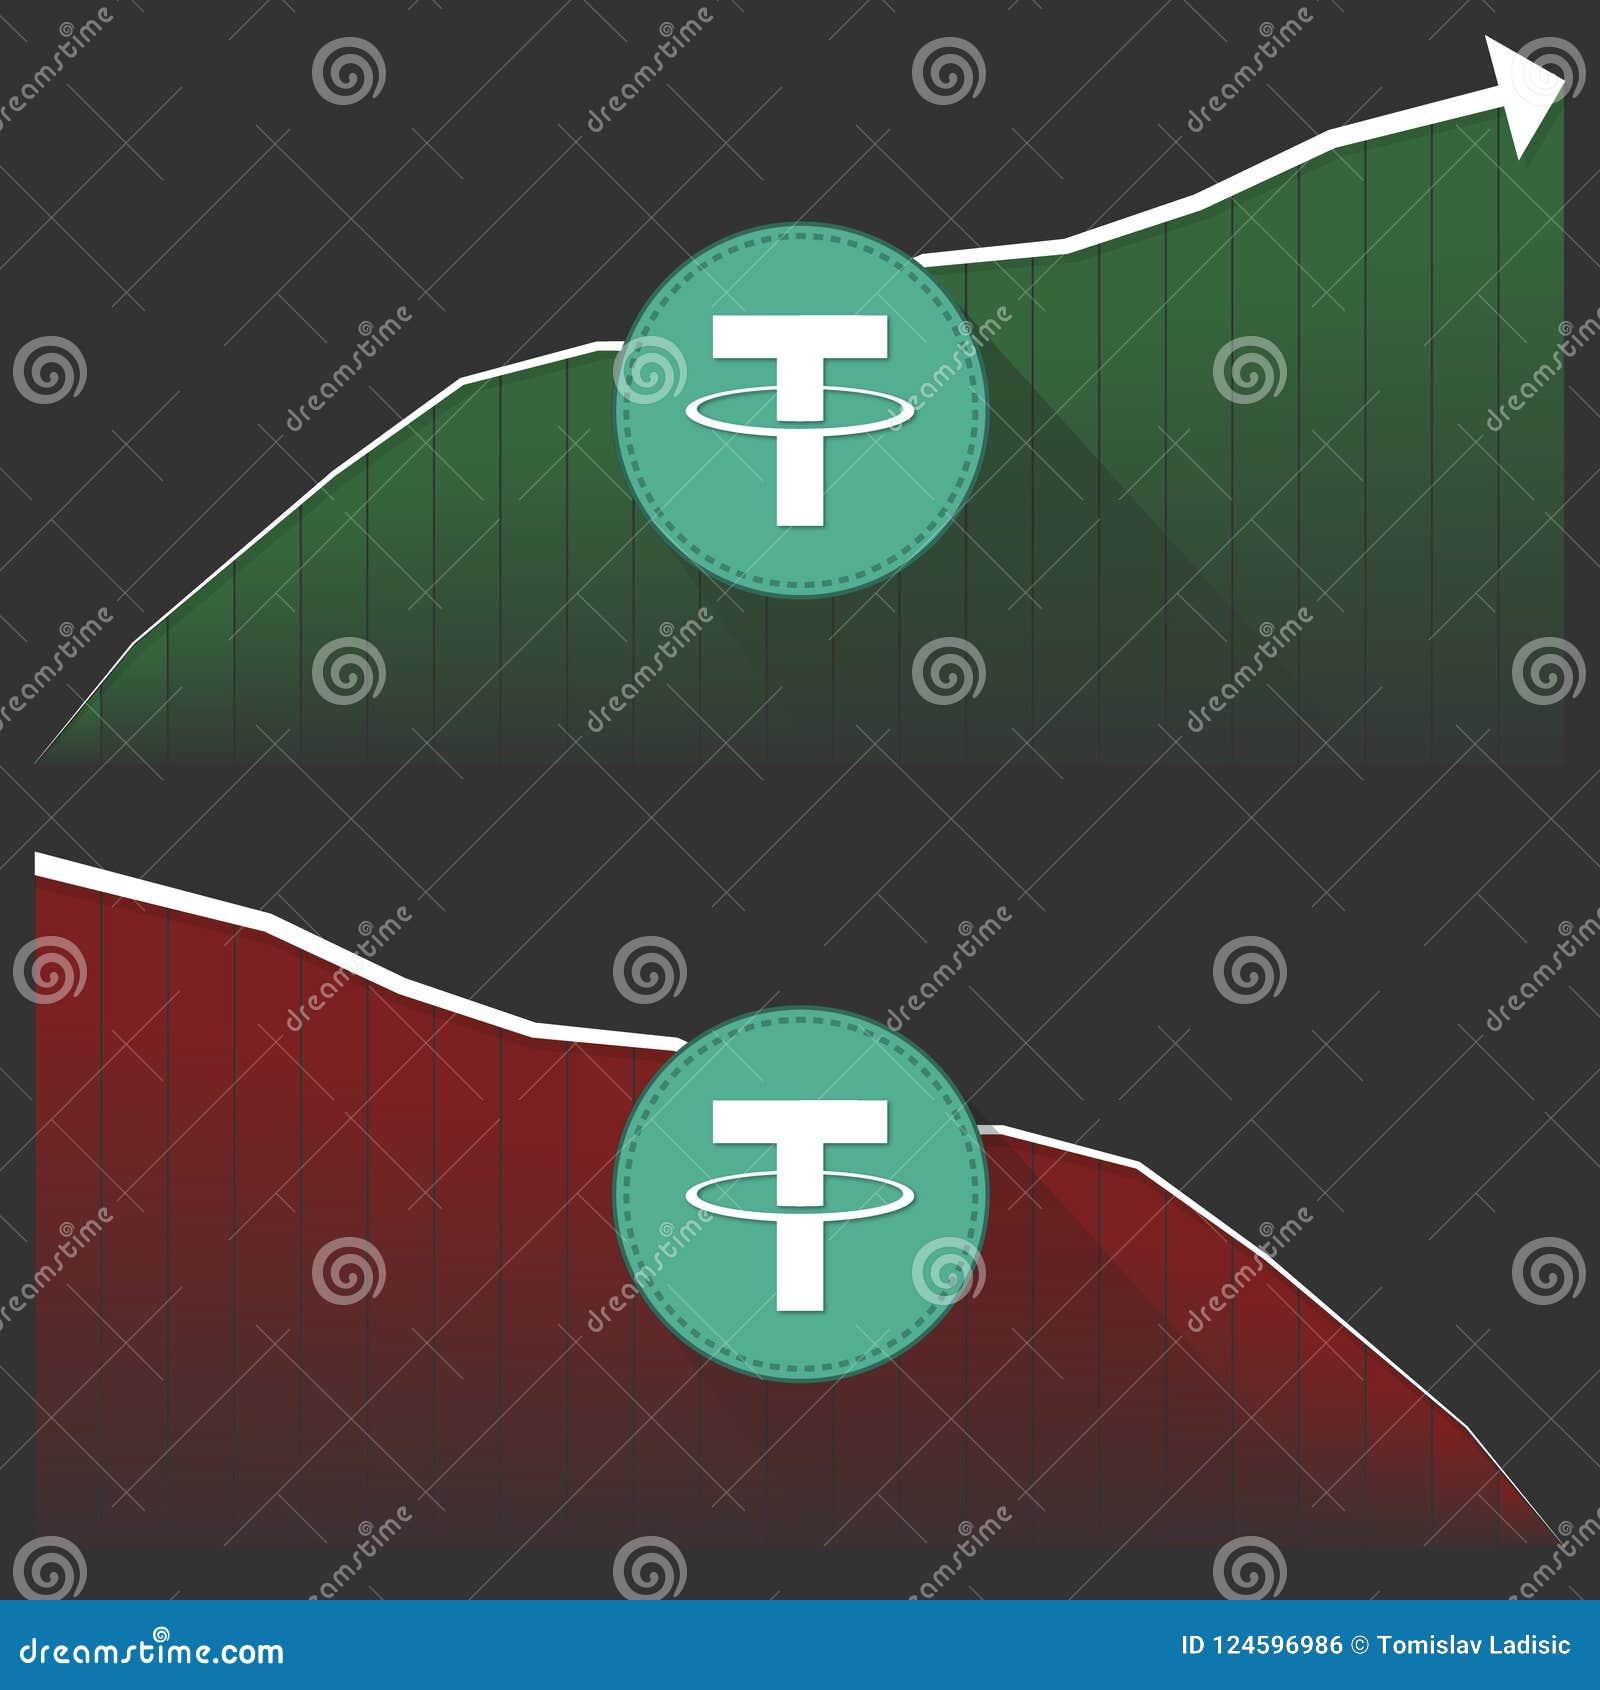 usdt cryptocurrency price